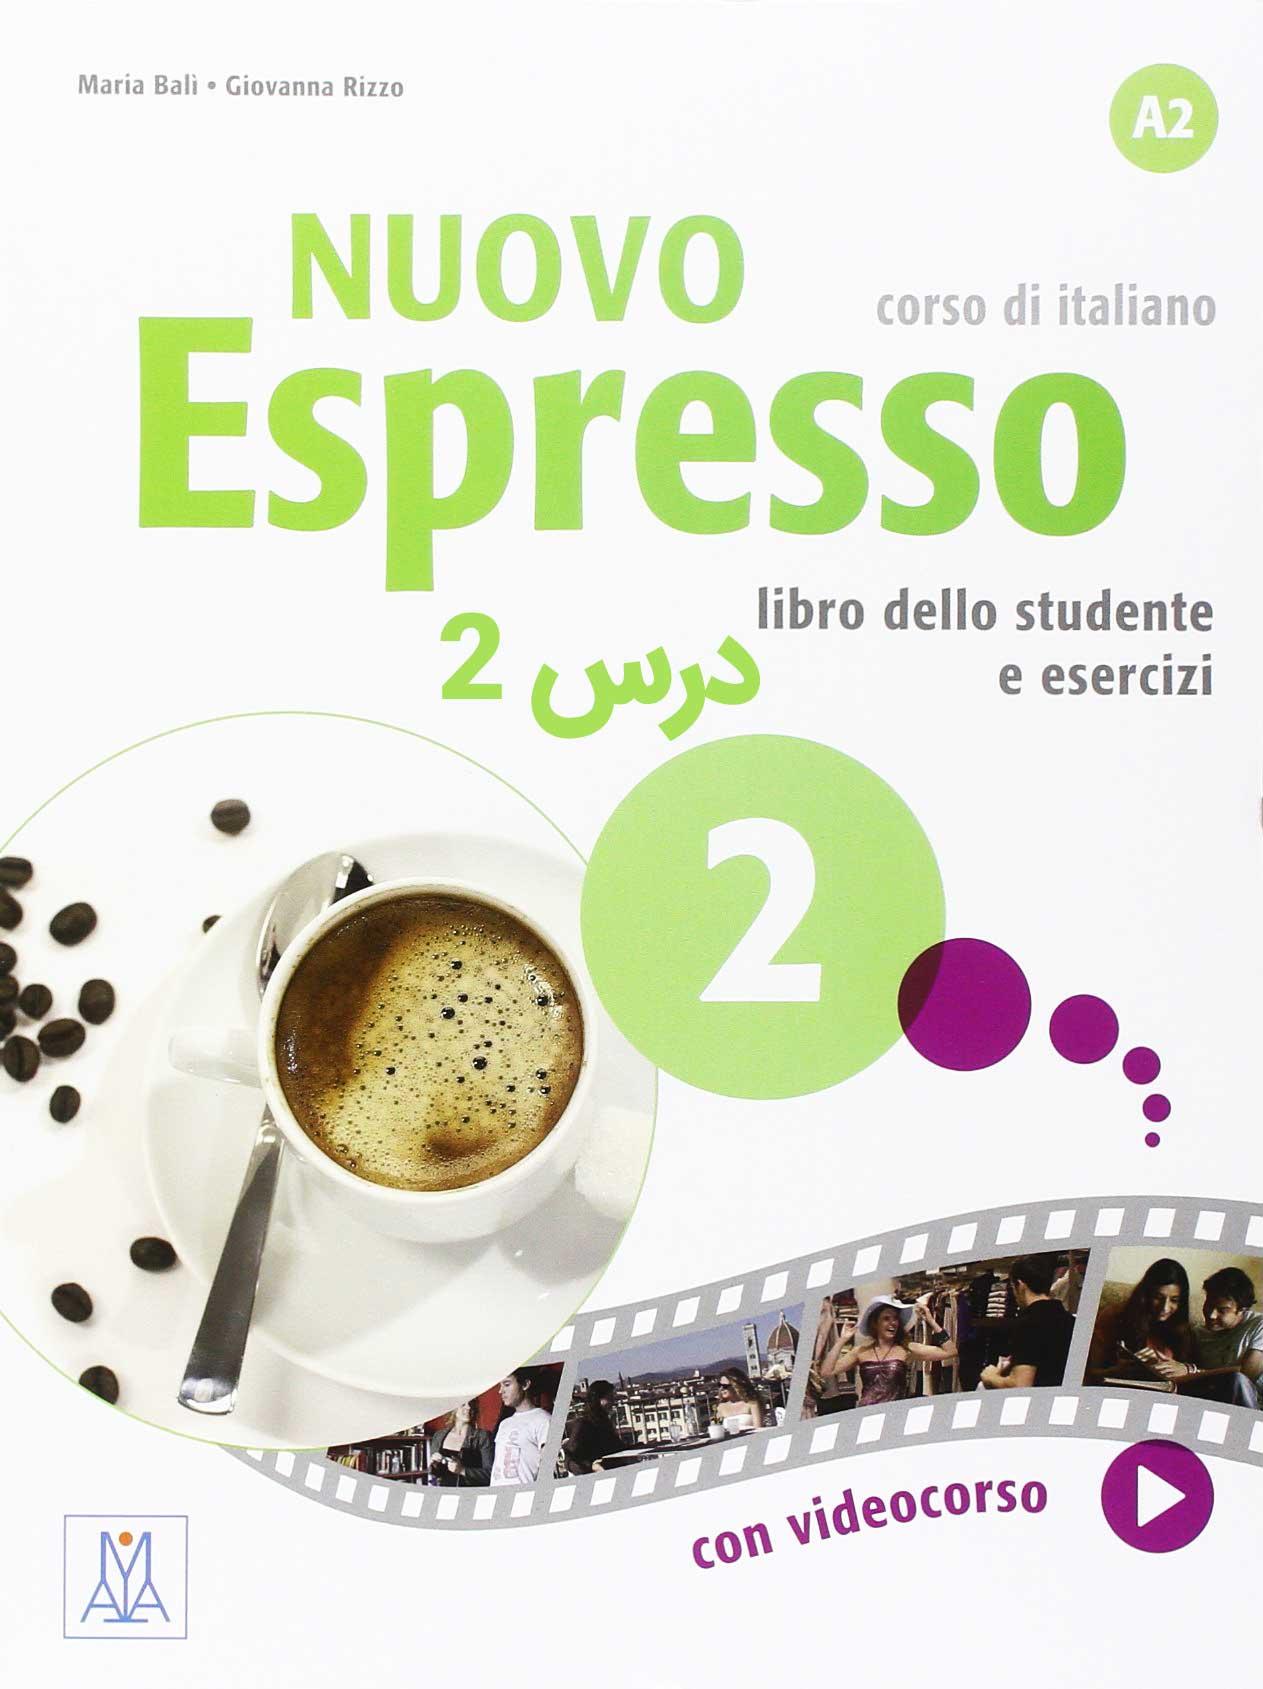 Nuovo_espresso._Libro_dello_studente_e_esercizi._Corso_di_italiano_2